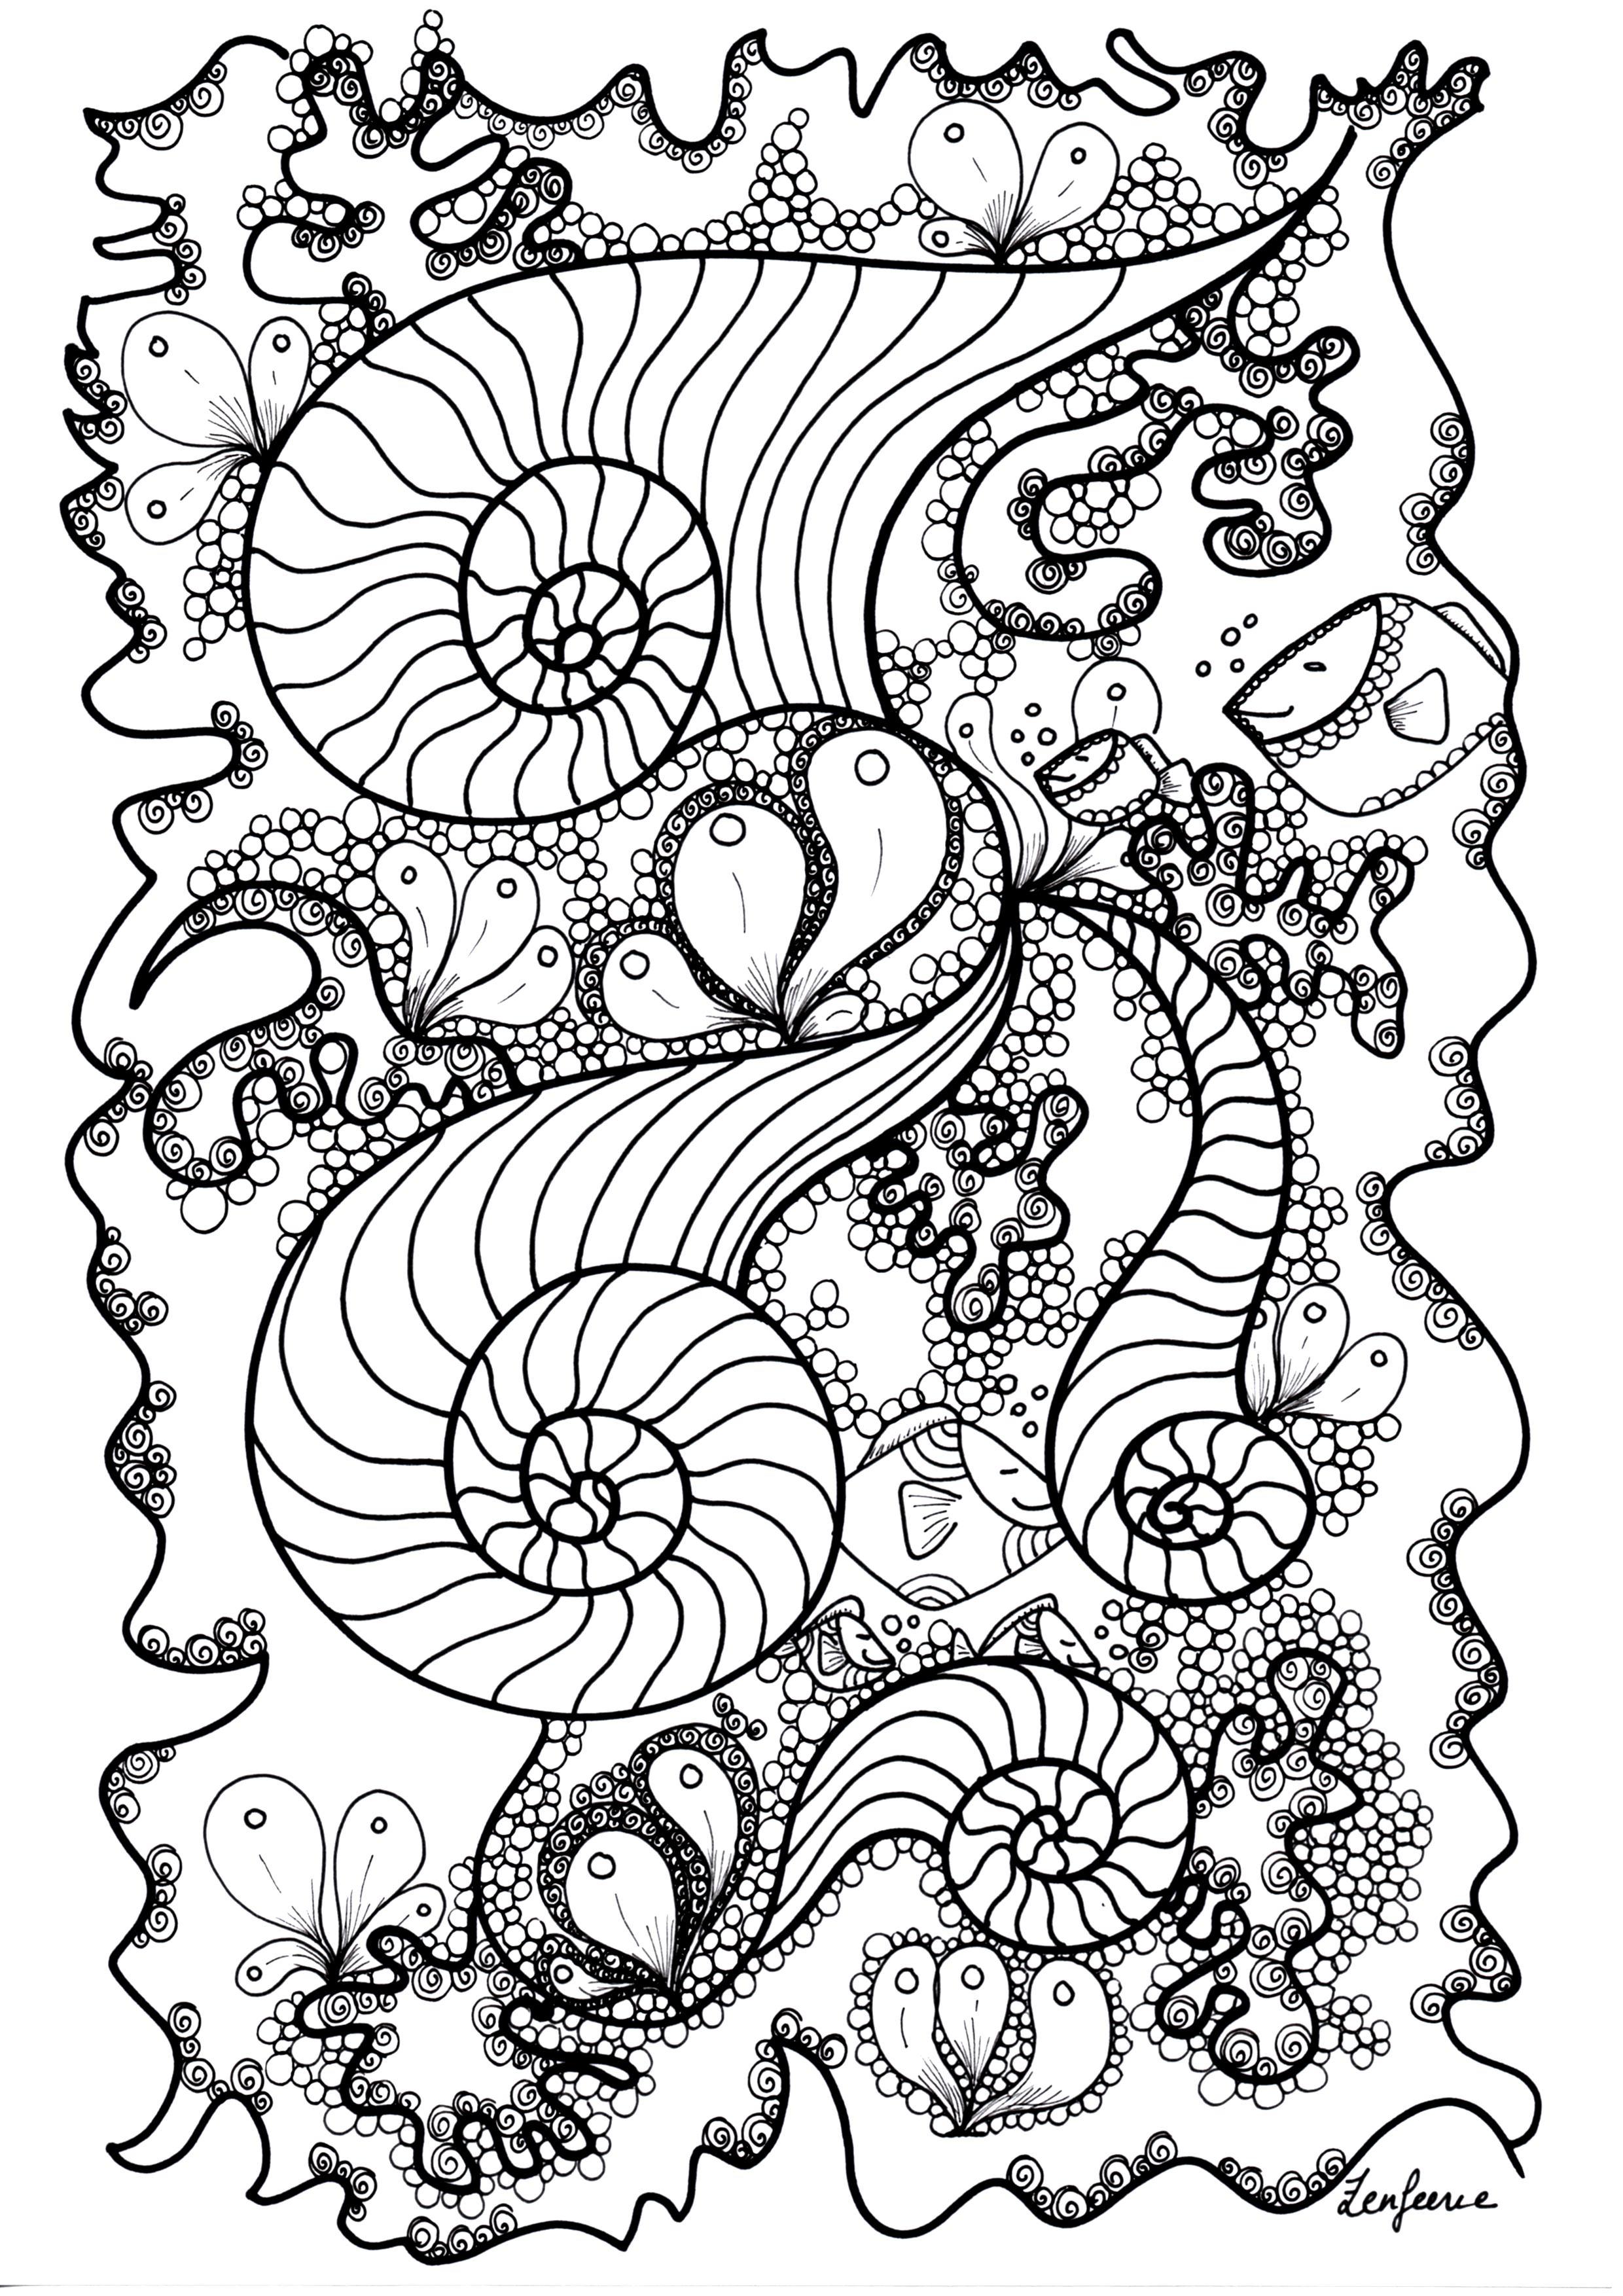 Disegni da colorare per adulti : Zentangle - 29